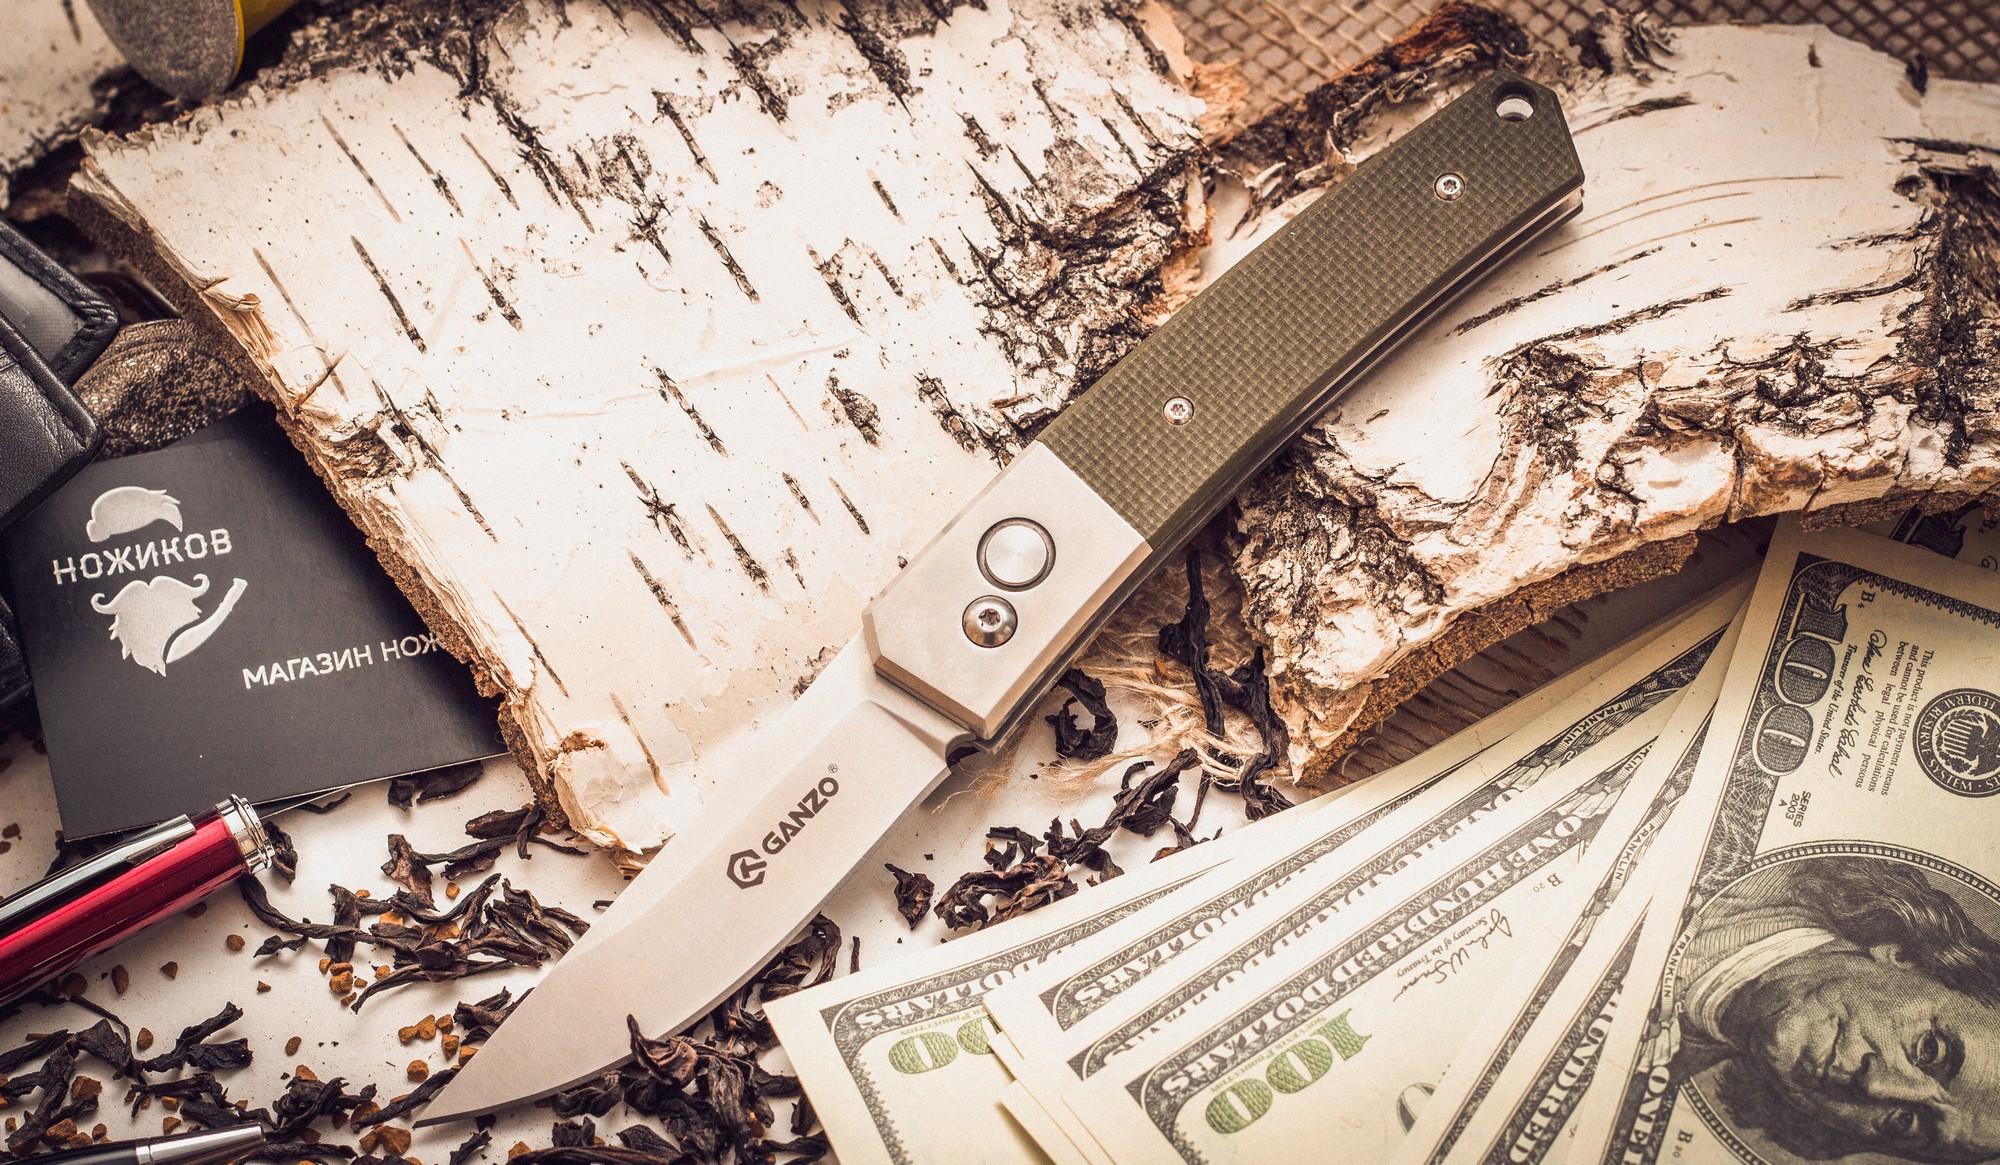 Складной нож Ganzo G7361, зеленыйGanzo<br>Если вам нужен универсальный вариант ножа, который подойдет и для ежедневной эксплуатации в городских условиях, и для поездок на природе, то хорошим решением будет купить Ganzo G7361. Эта модель изготовлена из надежных материалов и отличается очень сдержанным и лаконичным дизайном. Нож выглядит очень аккуратным, но способен работать практически с любыми материалами.<br>Клинок ножика сделан из стали марки 440С. Она относится к нержавеющим сплавам, но содержит достаточно большое количество углерода, чтобы металл приобрел твердость примерно 58 HRC. Такая твердость способствует тому, чтобы нож не нужно было слишком часто затачивать, но при необходимости, сделать это было бы просто при помощи обычной карманной точилки. Поверхность лезвия обработана методом шлифовки, благодаря чему она гладкая и глянцевая. Режущая кромка заточена классическим способом — гладко. Это также способствует универсальности ножа. Размер клинка равен 8 см по длине с толщиной по обуху 0,3 см.<br>